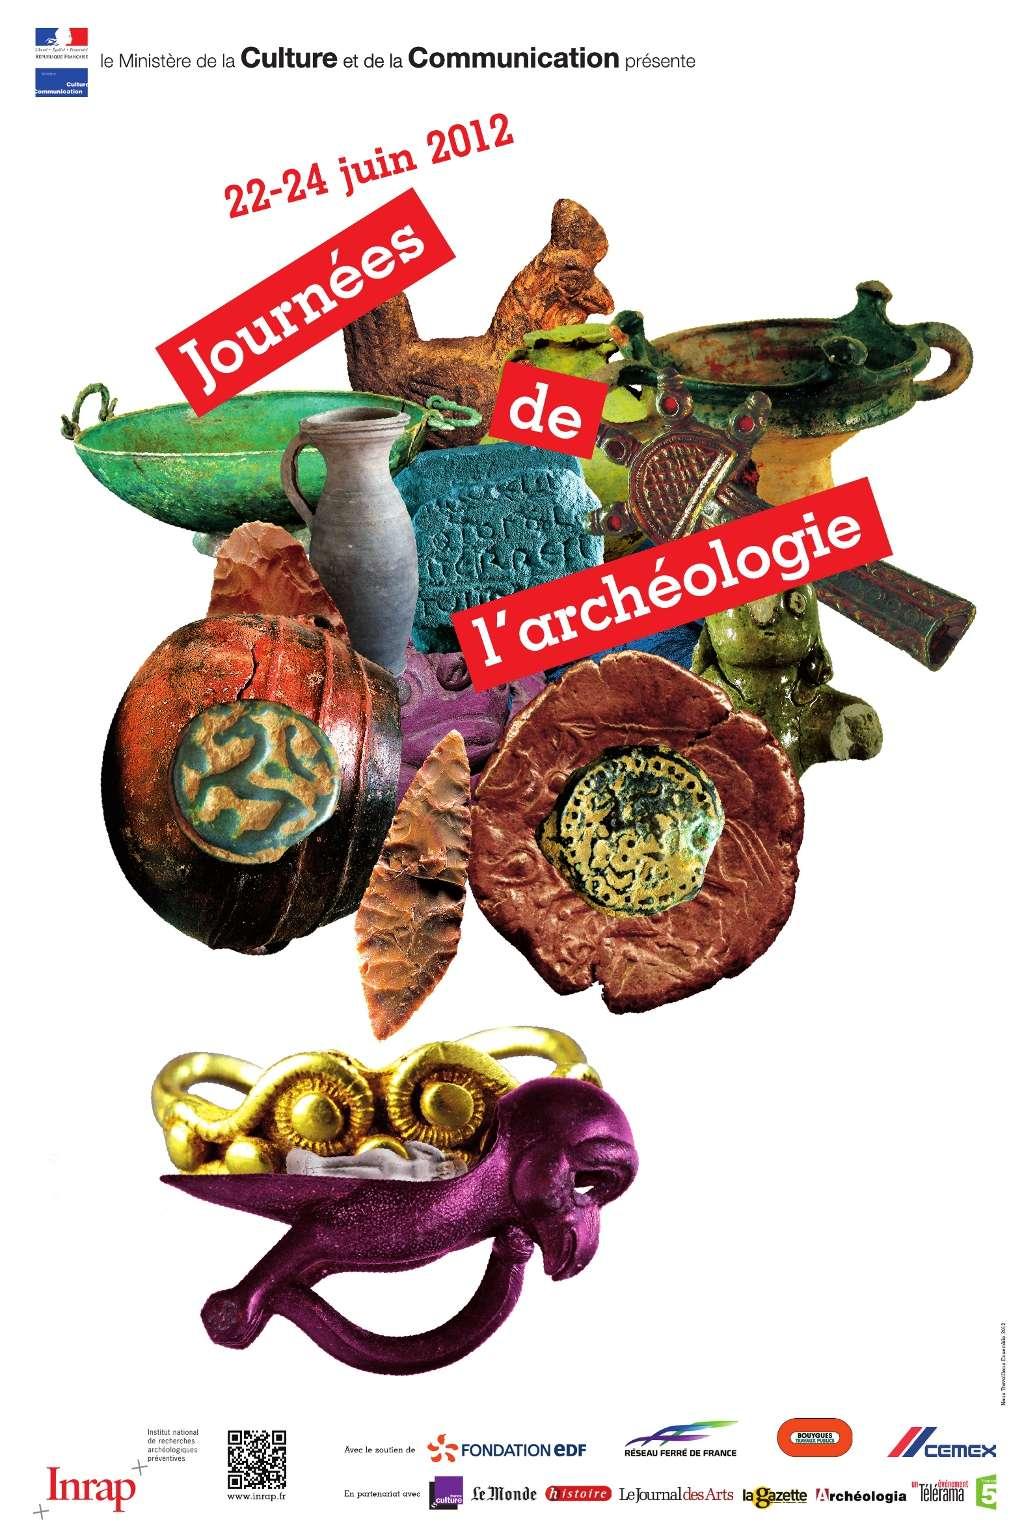 Les Journées nationales de l'archéologie offrent également au public l'occasion de rencontrer des chercheurs. Les manifestations se déroulent dans plus de 400 lieux en France. © Inrap